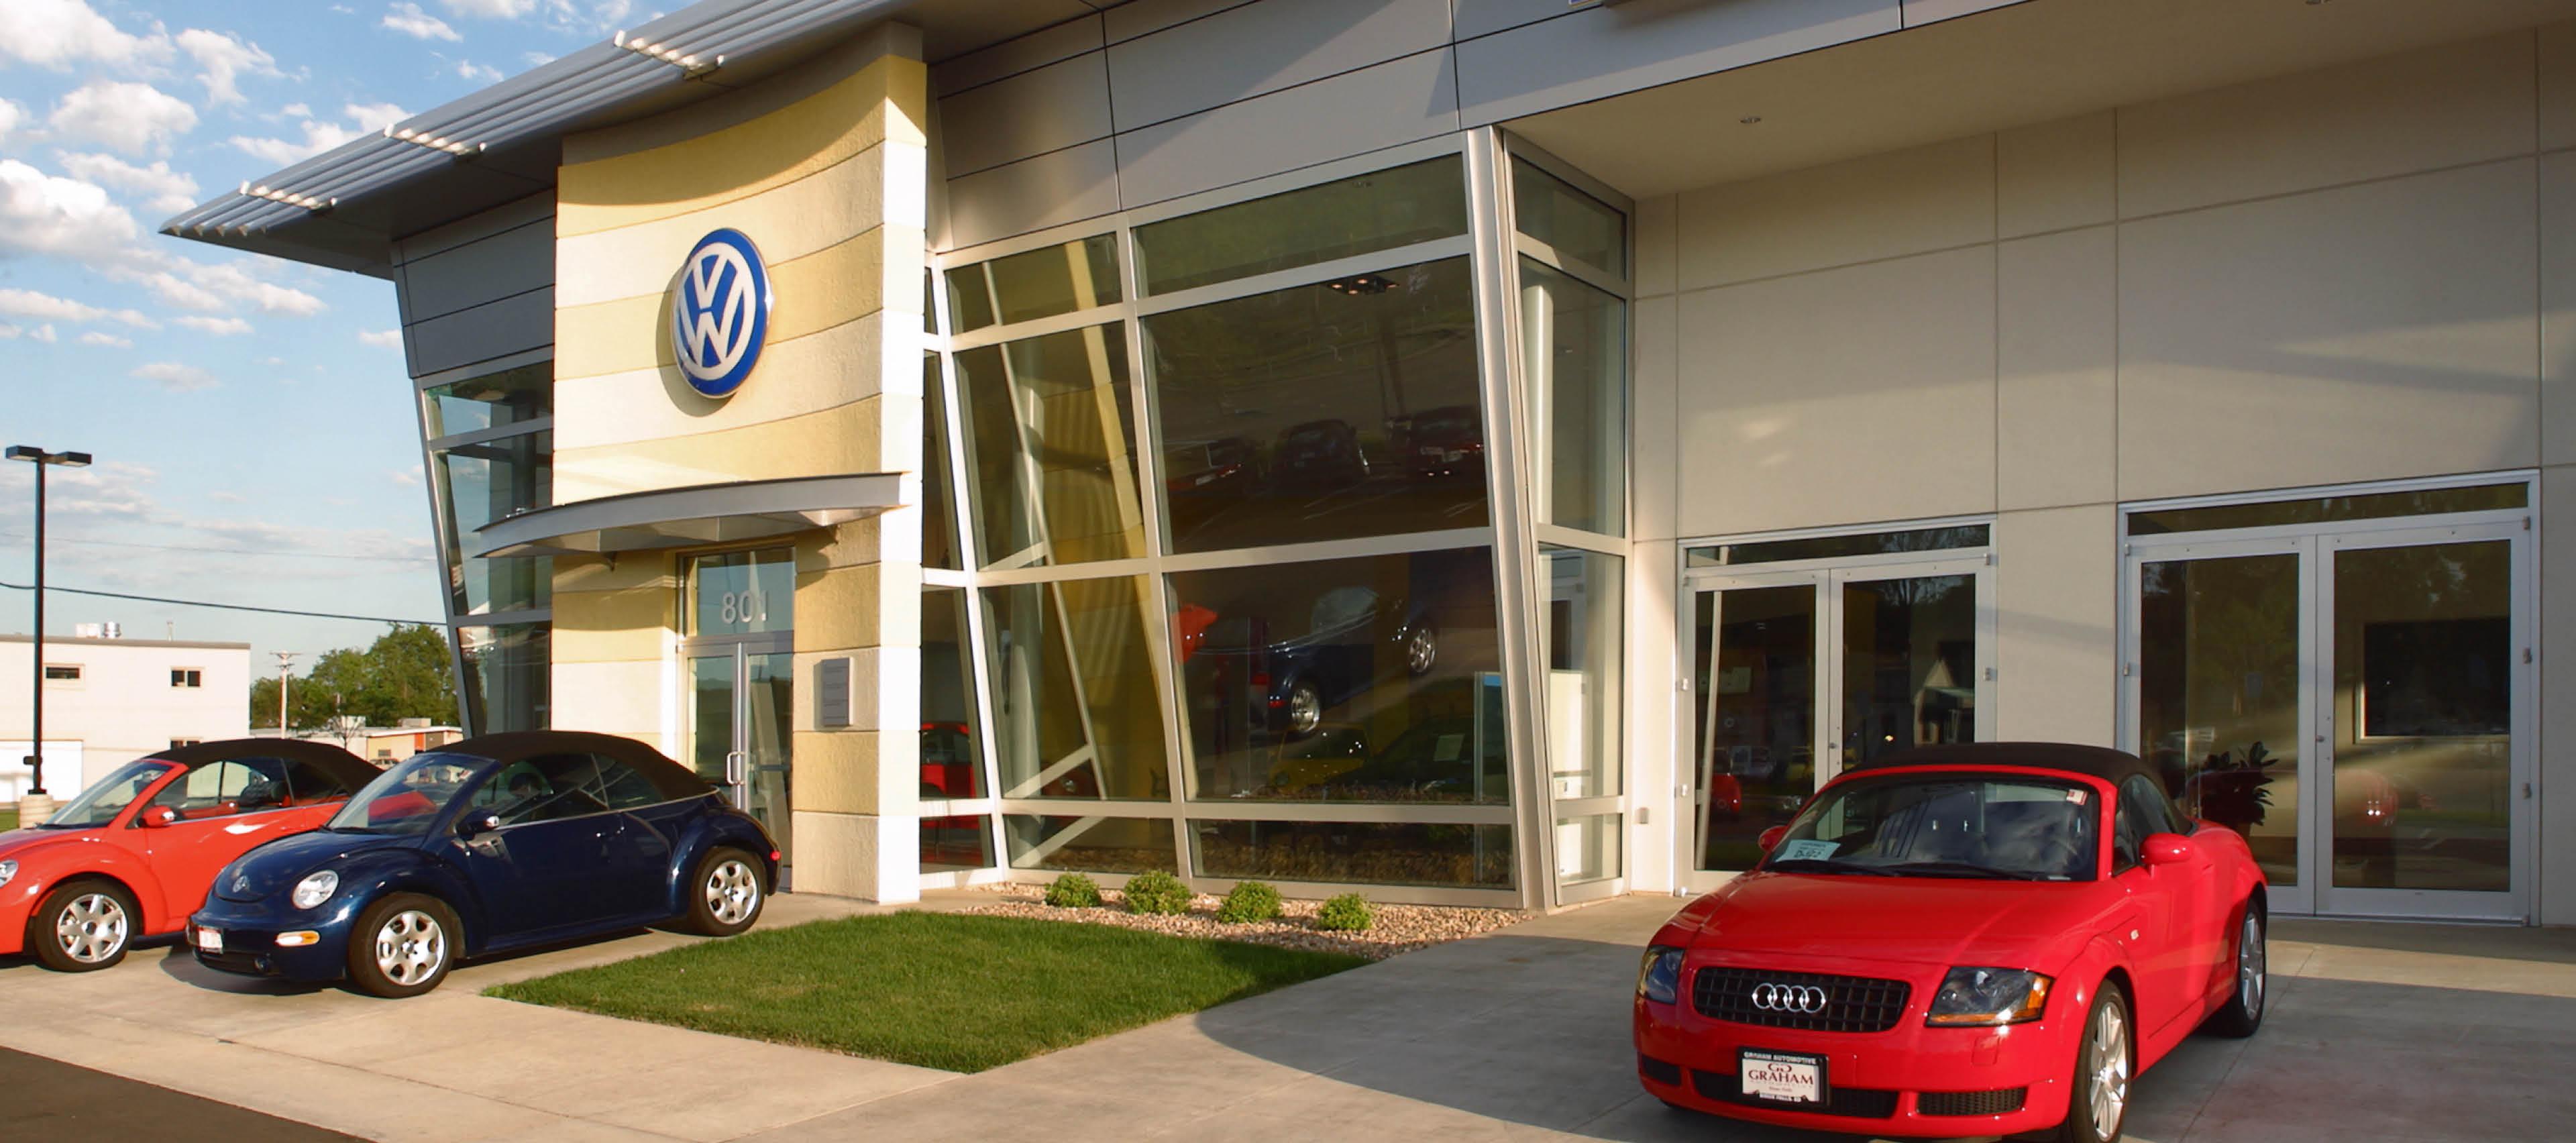 Architecture Inc - Graham Automotive